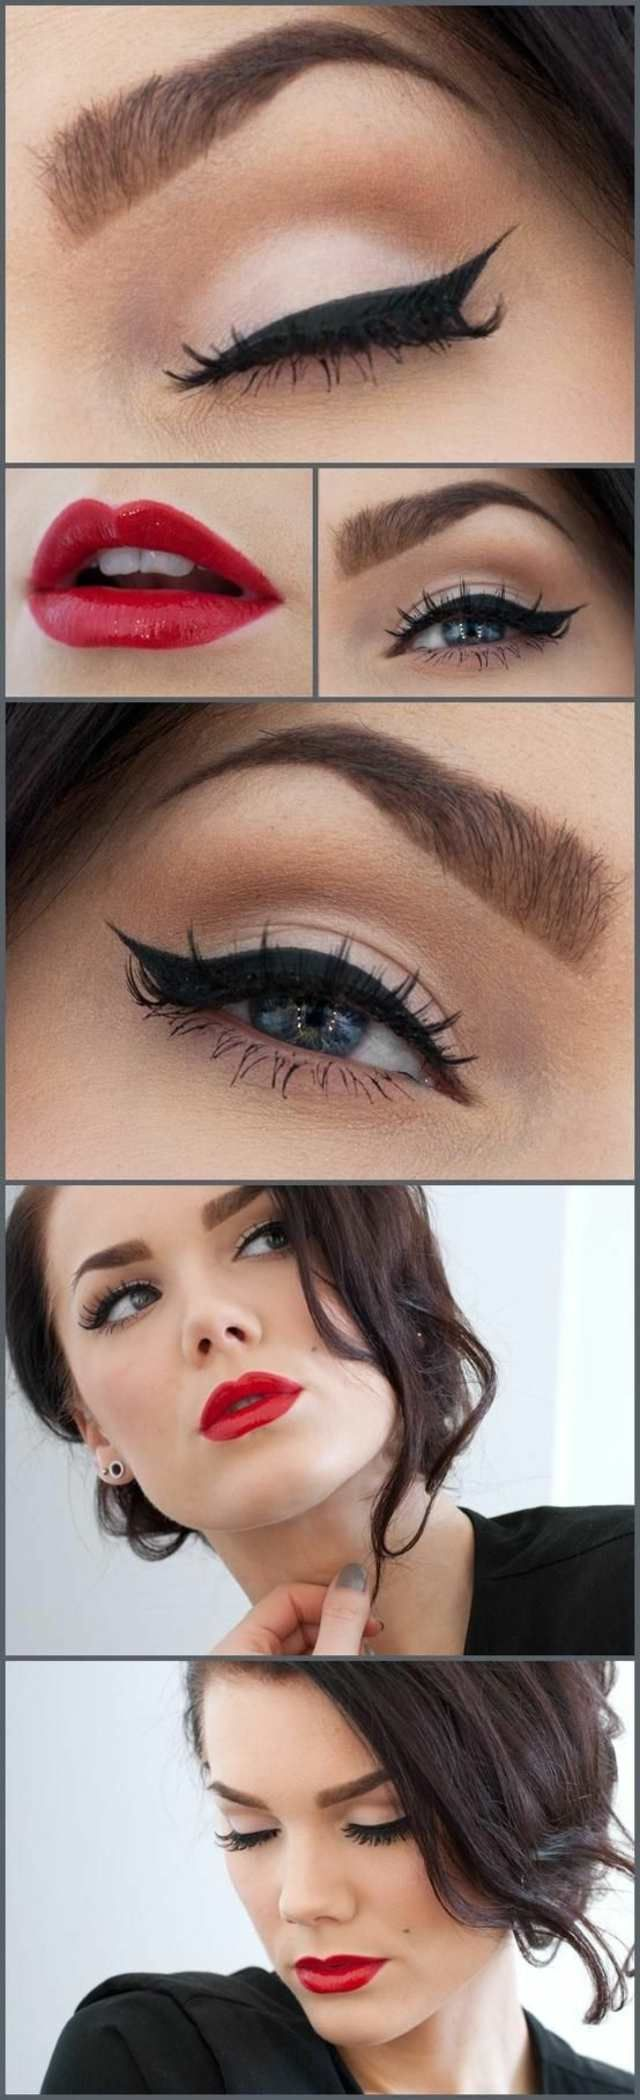 Maquillage yeux et levres